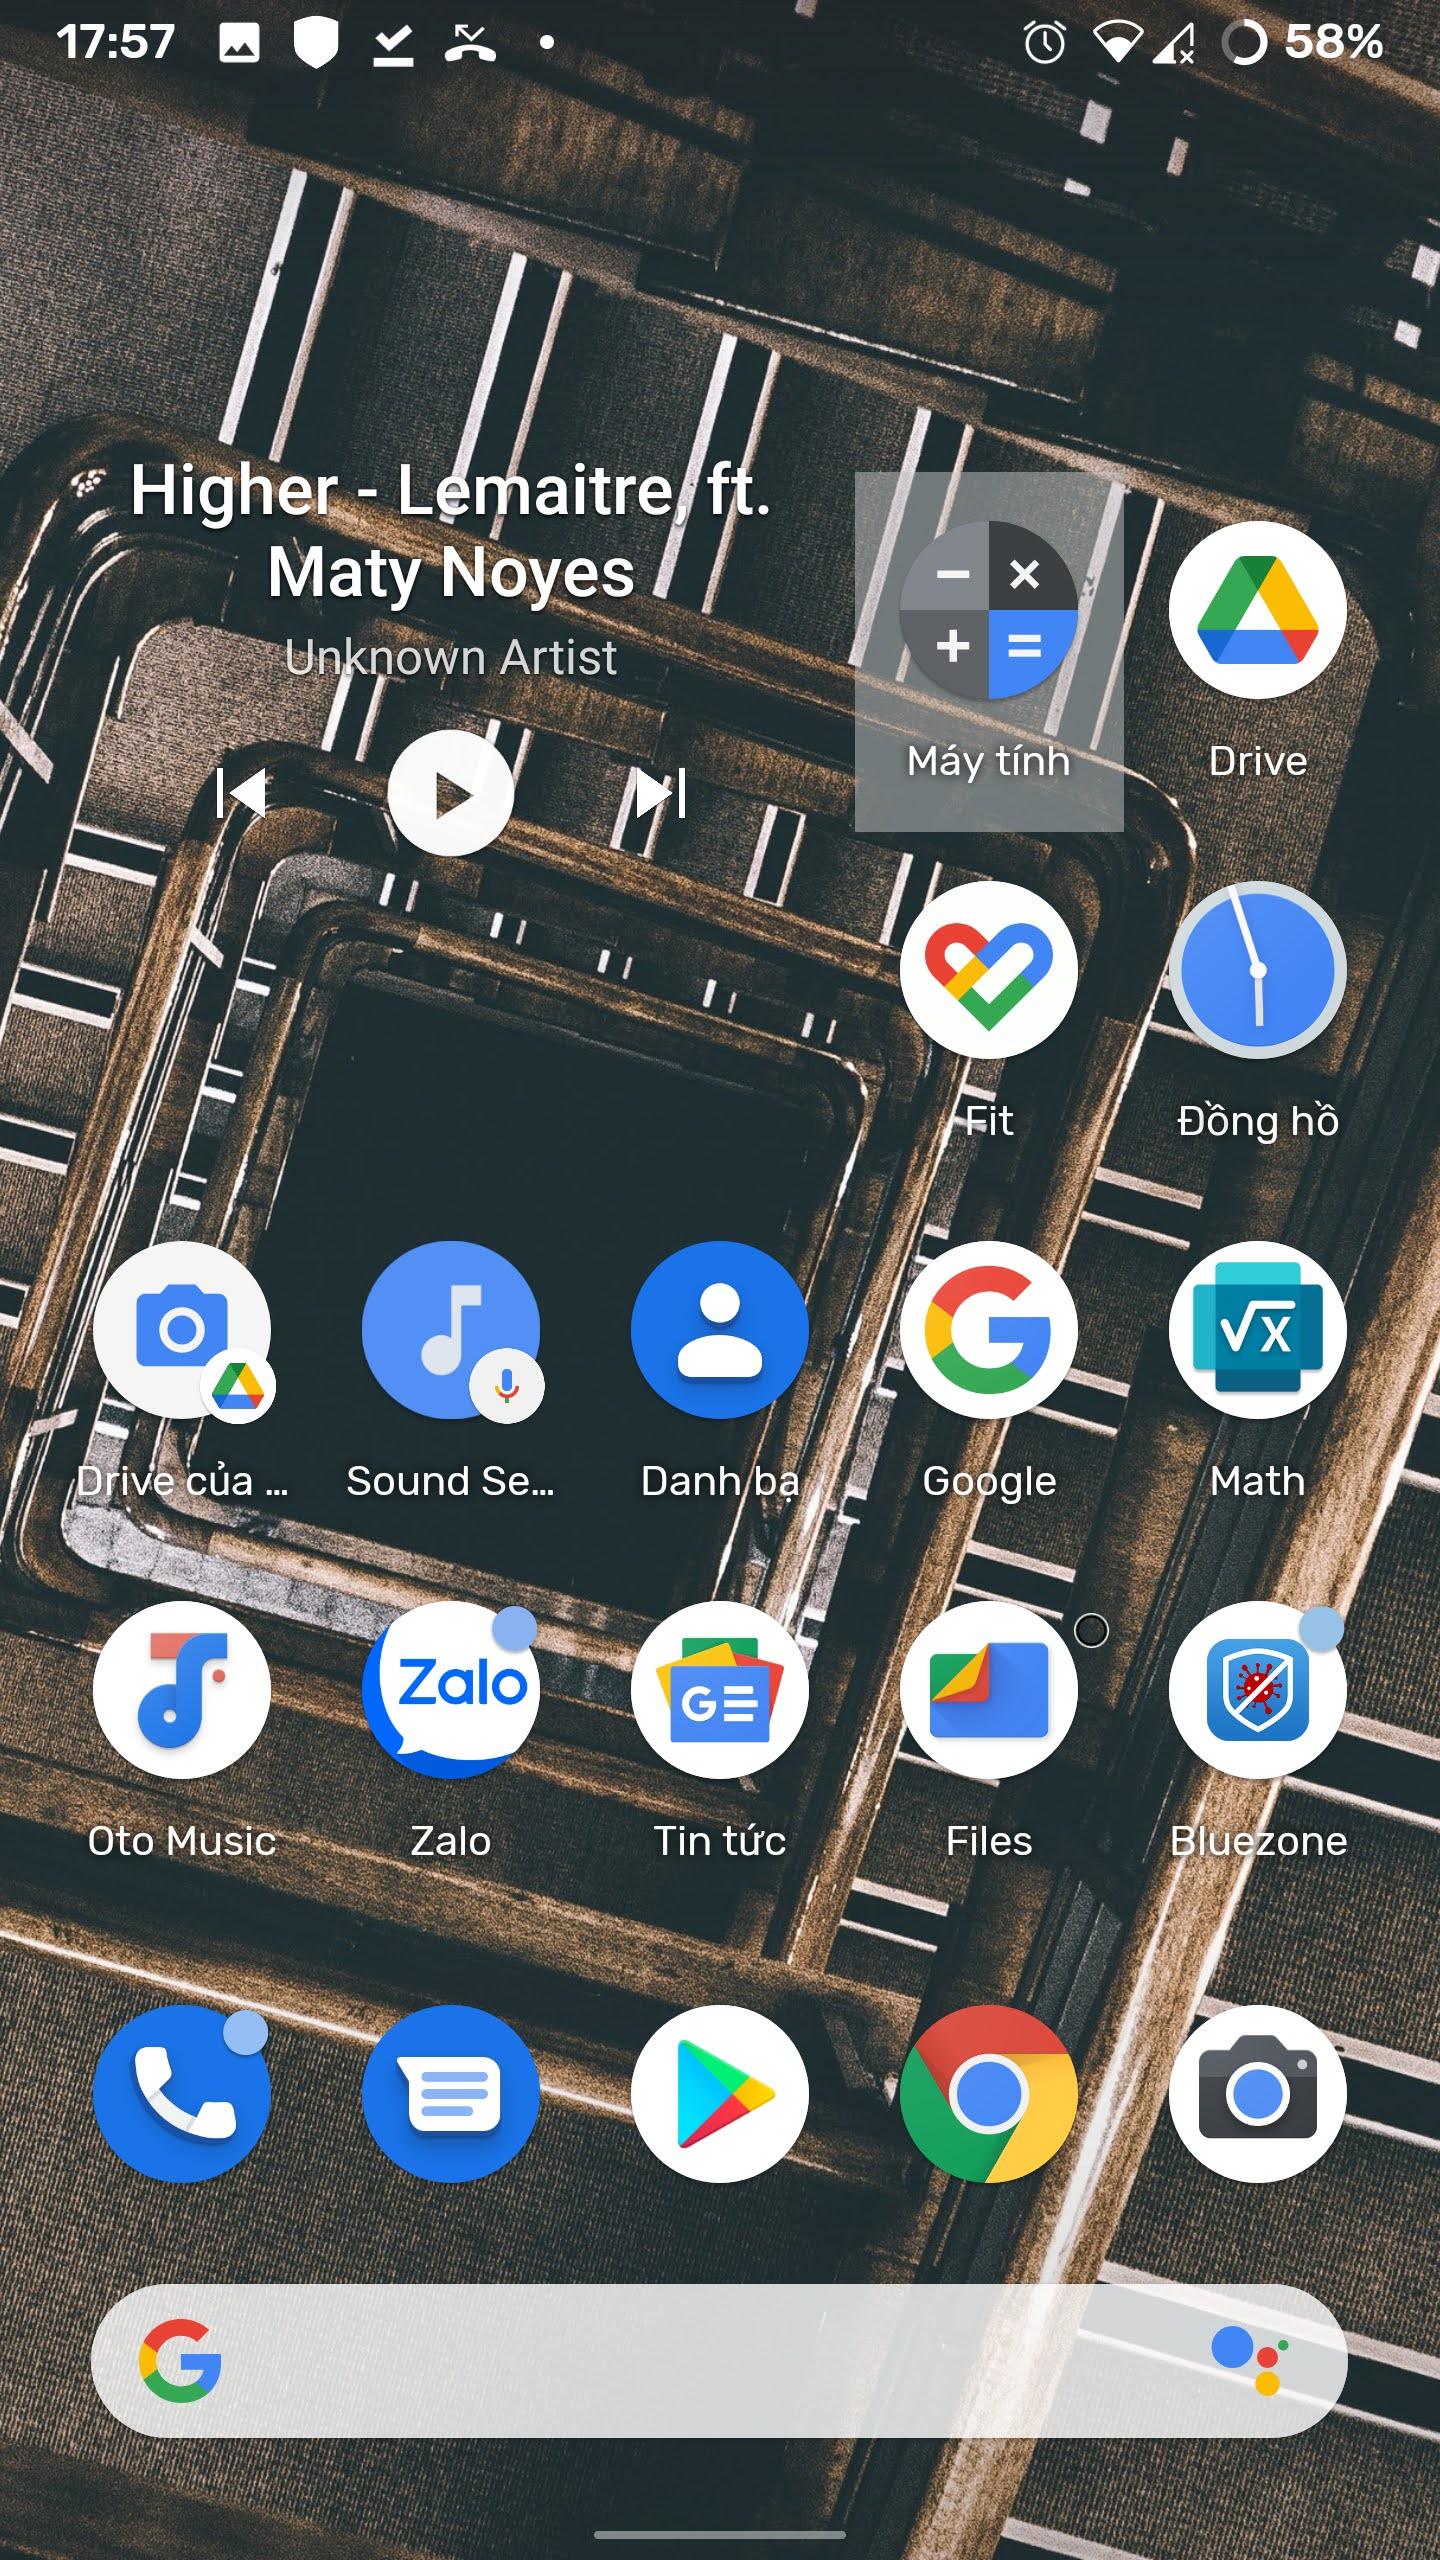 Screenshot_20210826-175757_Trình_chạy_Pixel.jpg